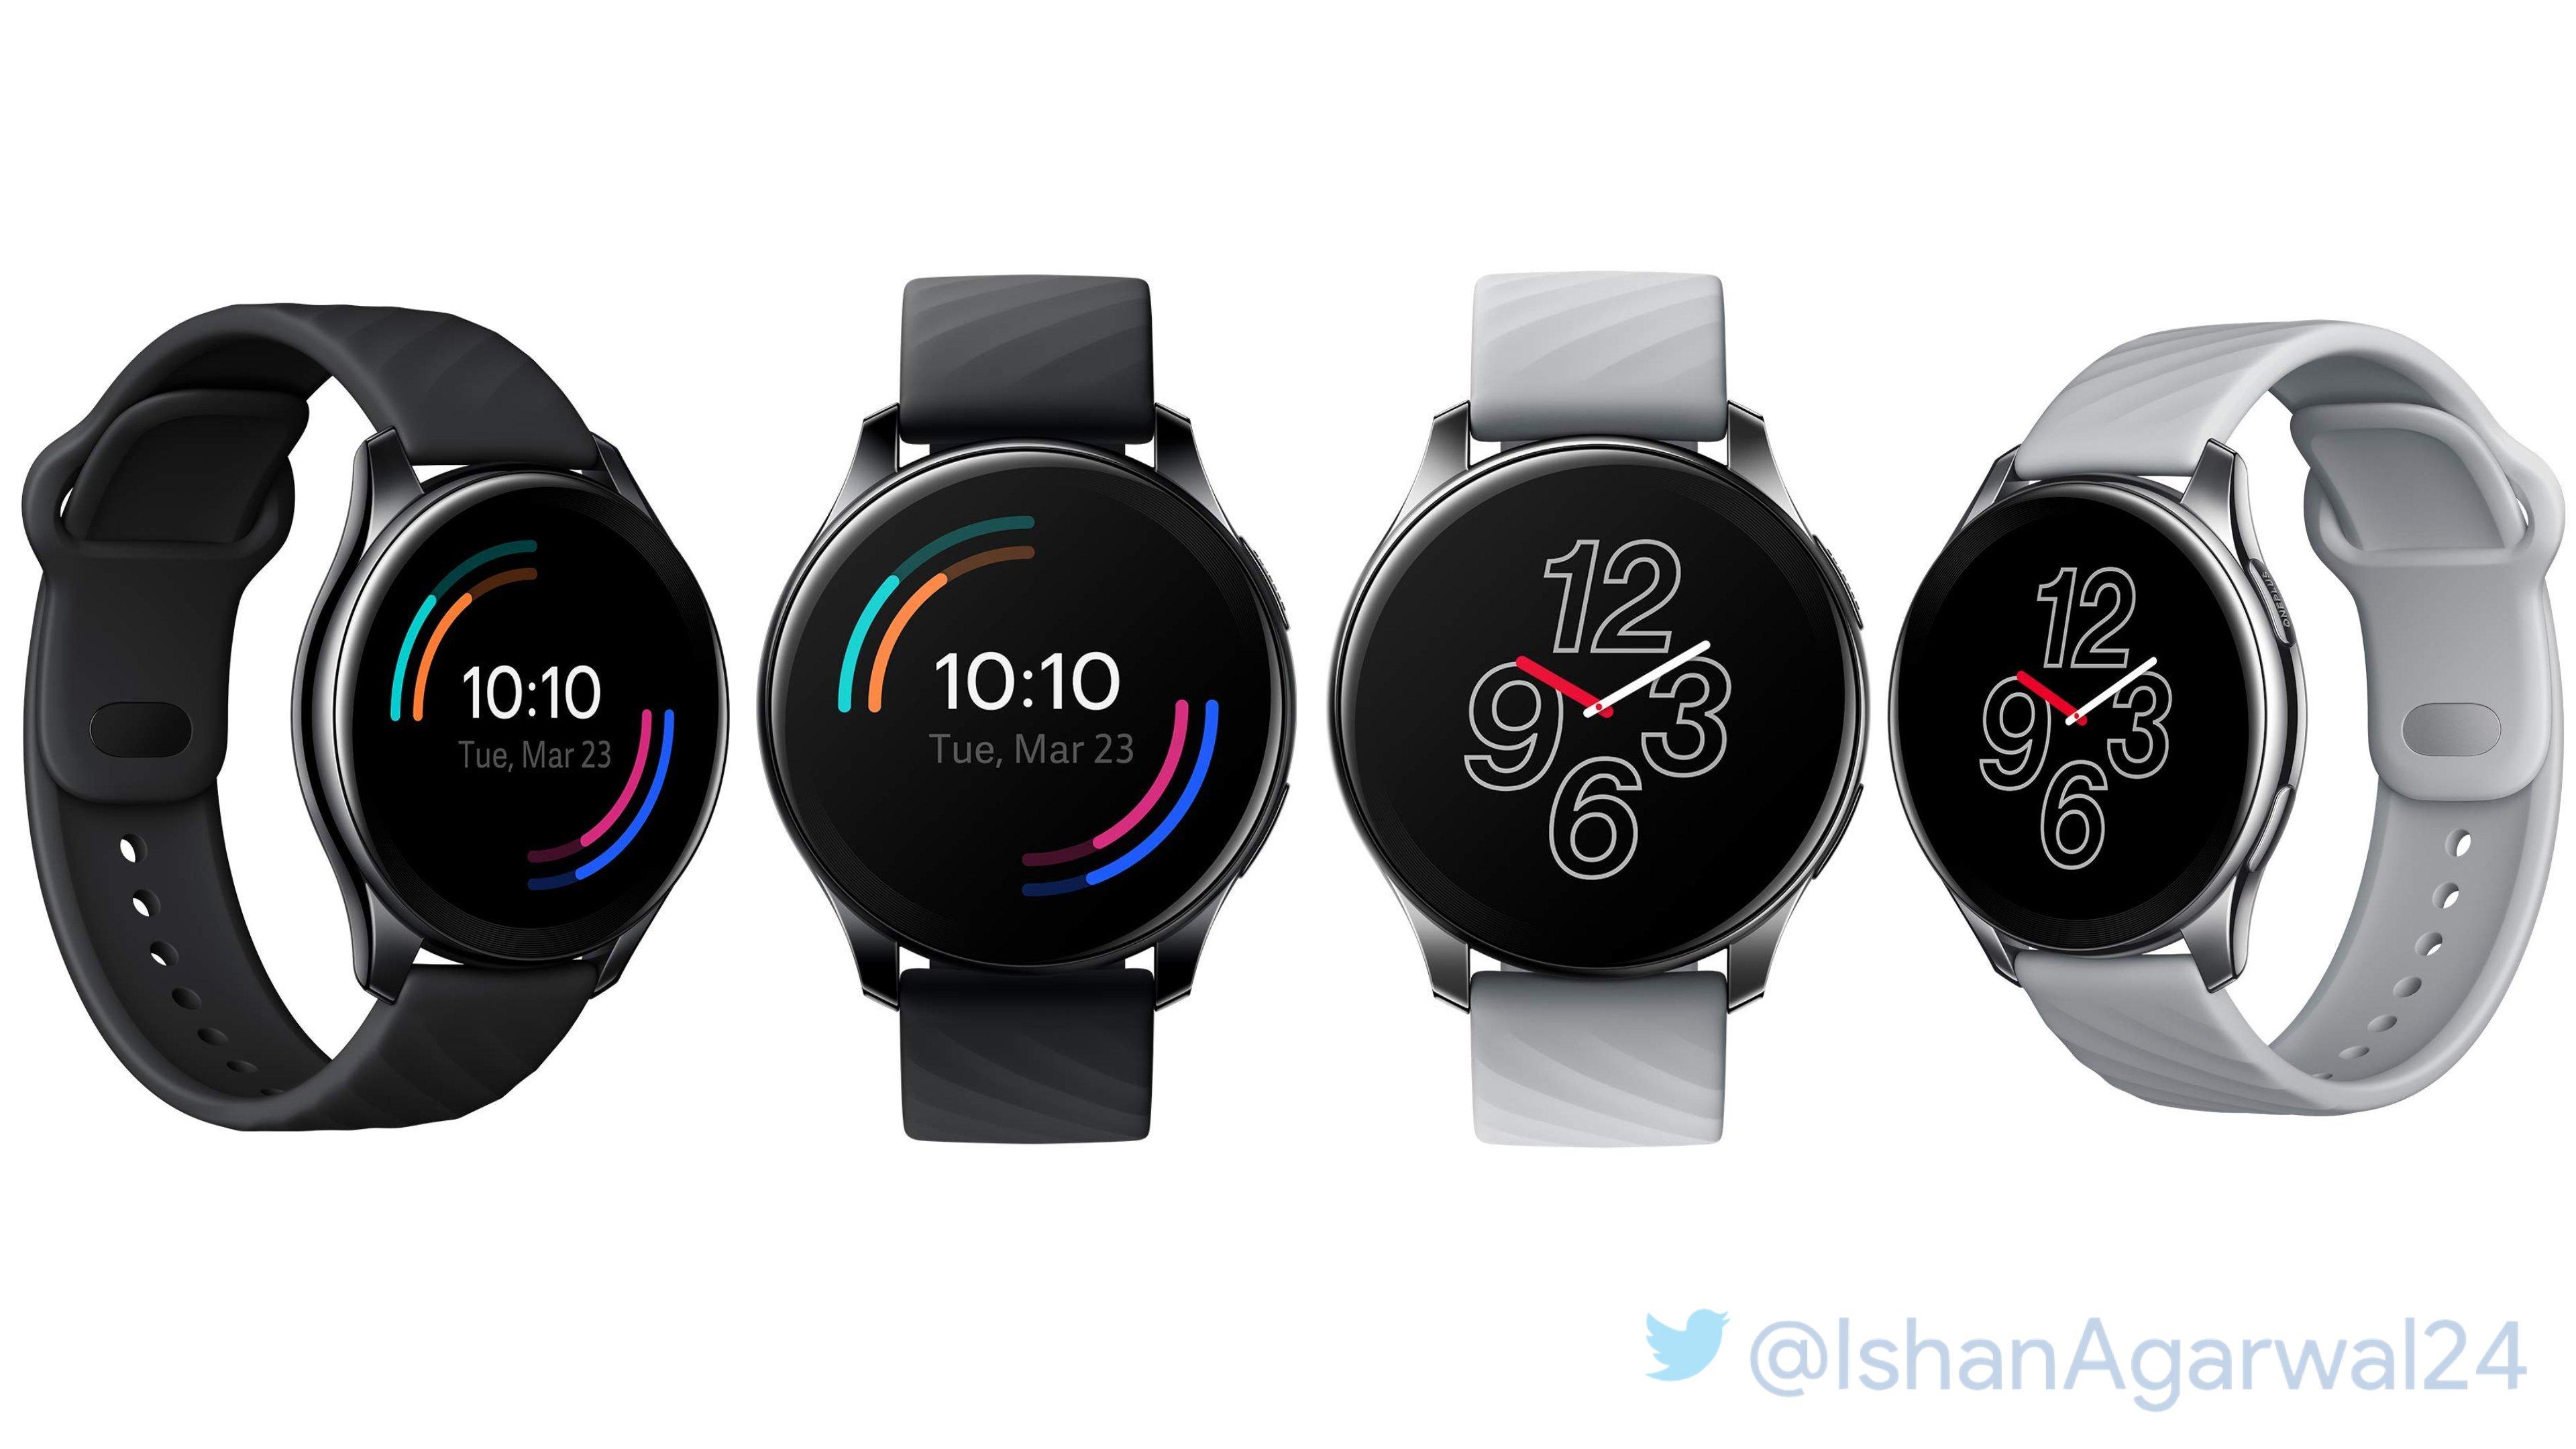 Сколько будут стоить смарт-часы OnePlus Watch в Европе